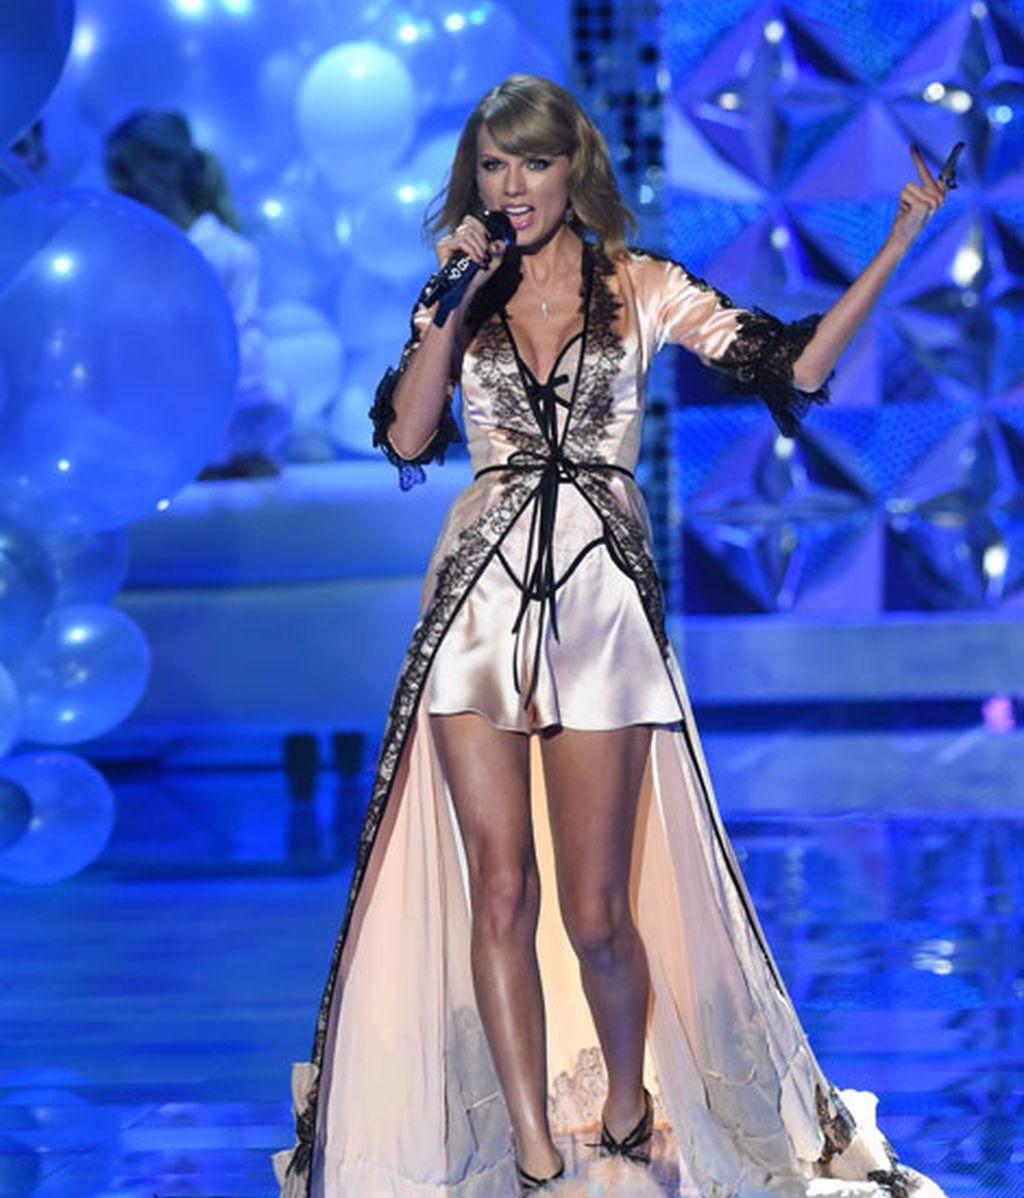 Por segundo año consecutivo, Taylor Swift cantó durante el desfile